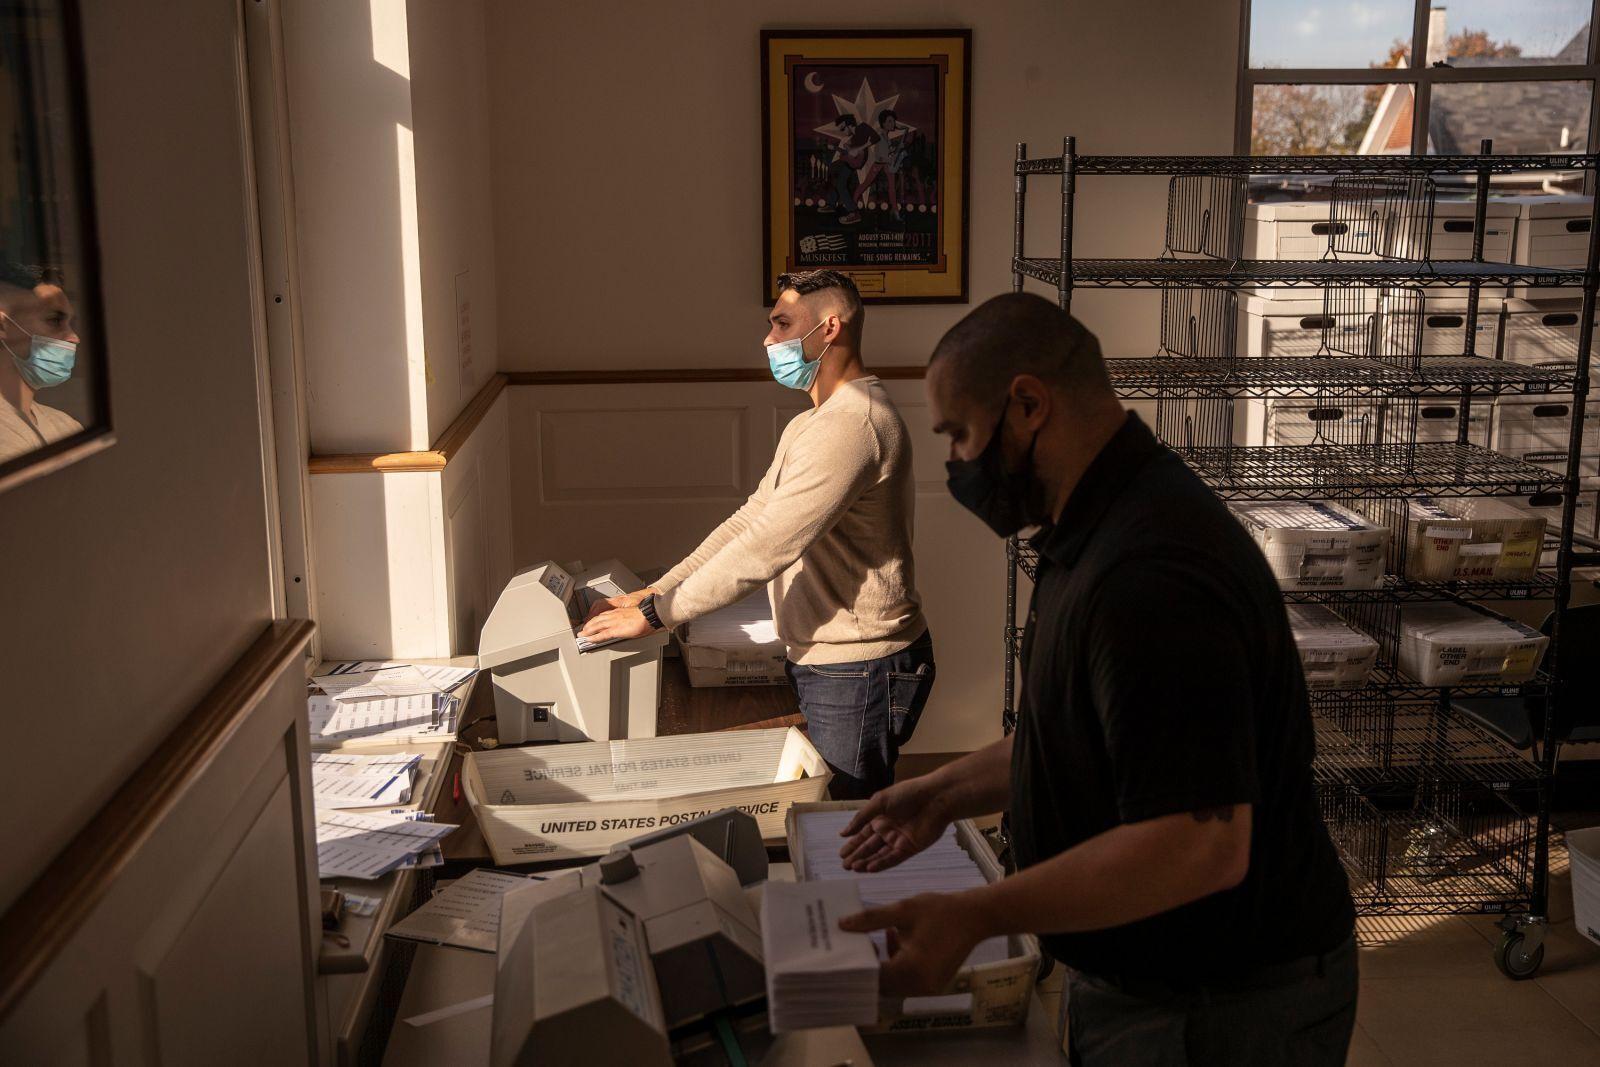 Работники обрабатывают бюллетени, поступающих по почте